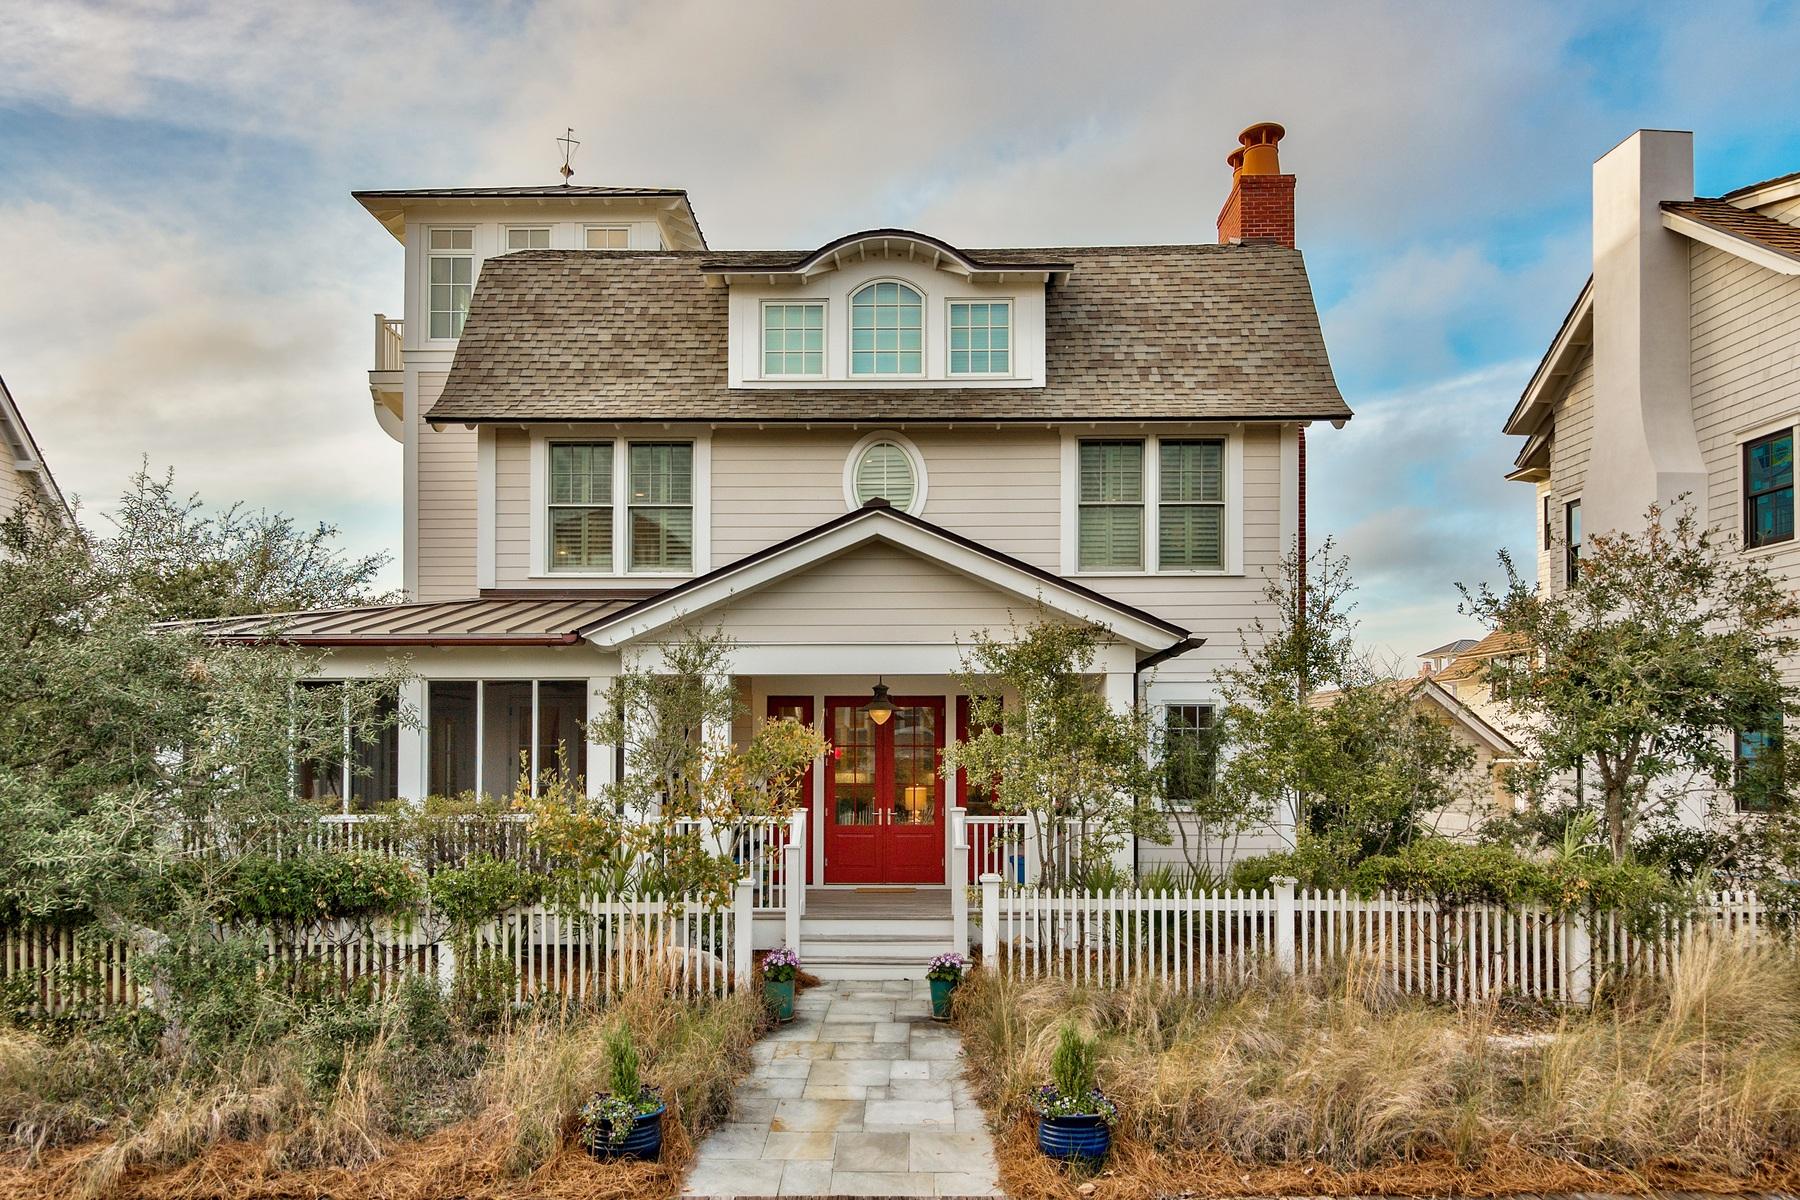 独户住宅 为 销售 在 IDEAL WATERSOUND BEACH HOME FULL OF CHARM AND PERSONALITY 22 Founders Lane Watersound, 佛罗里达州, 32461 美国